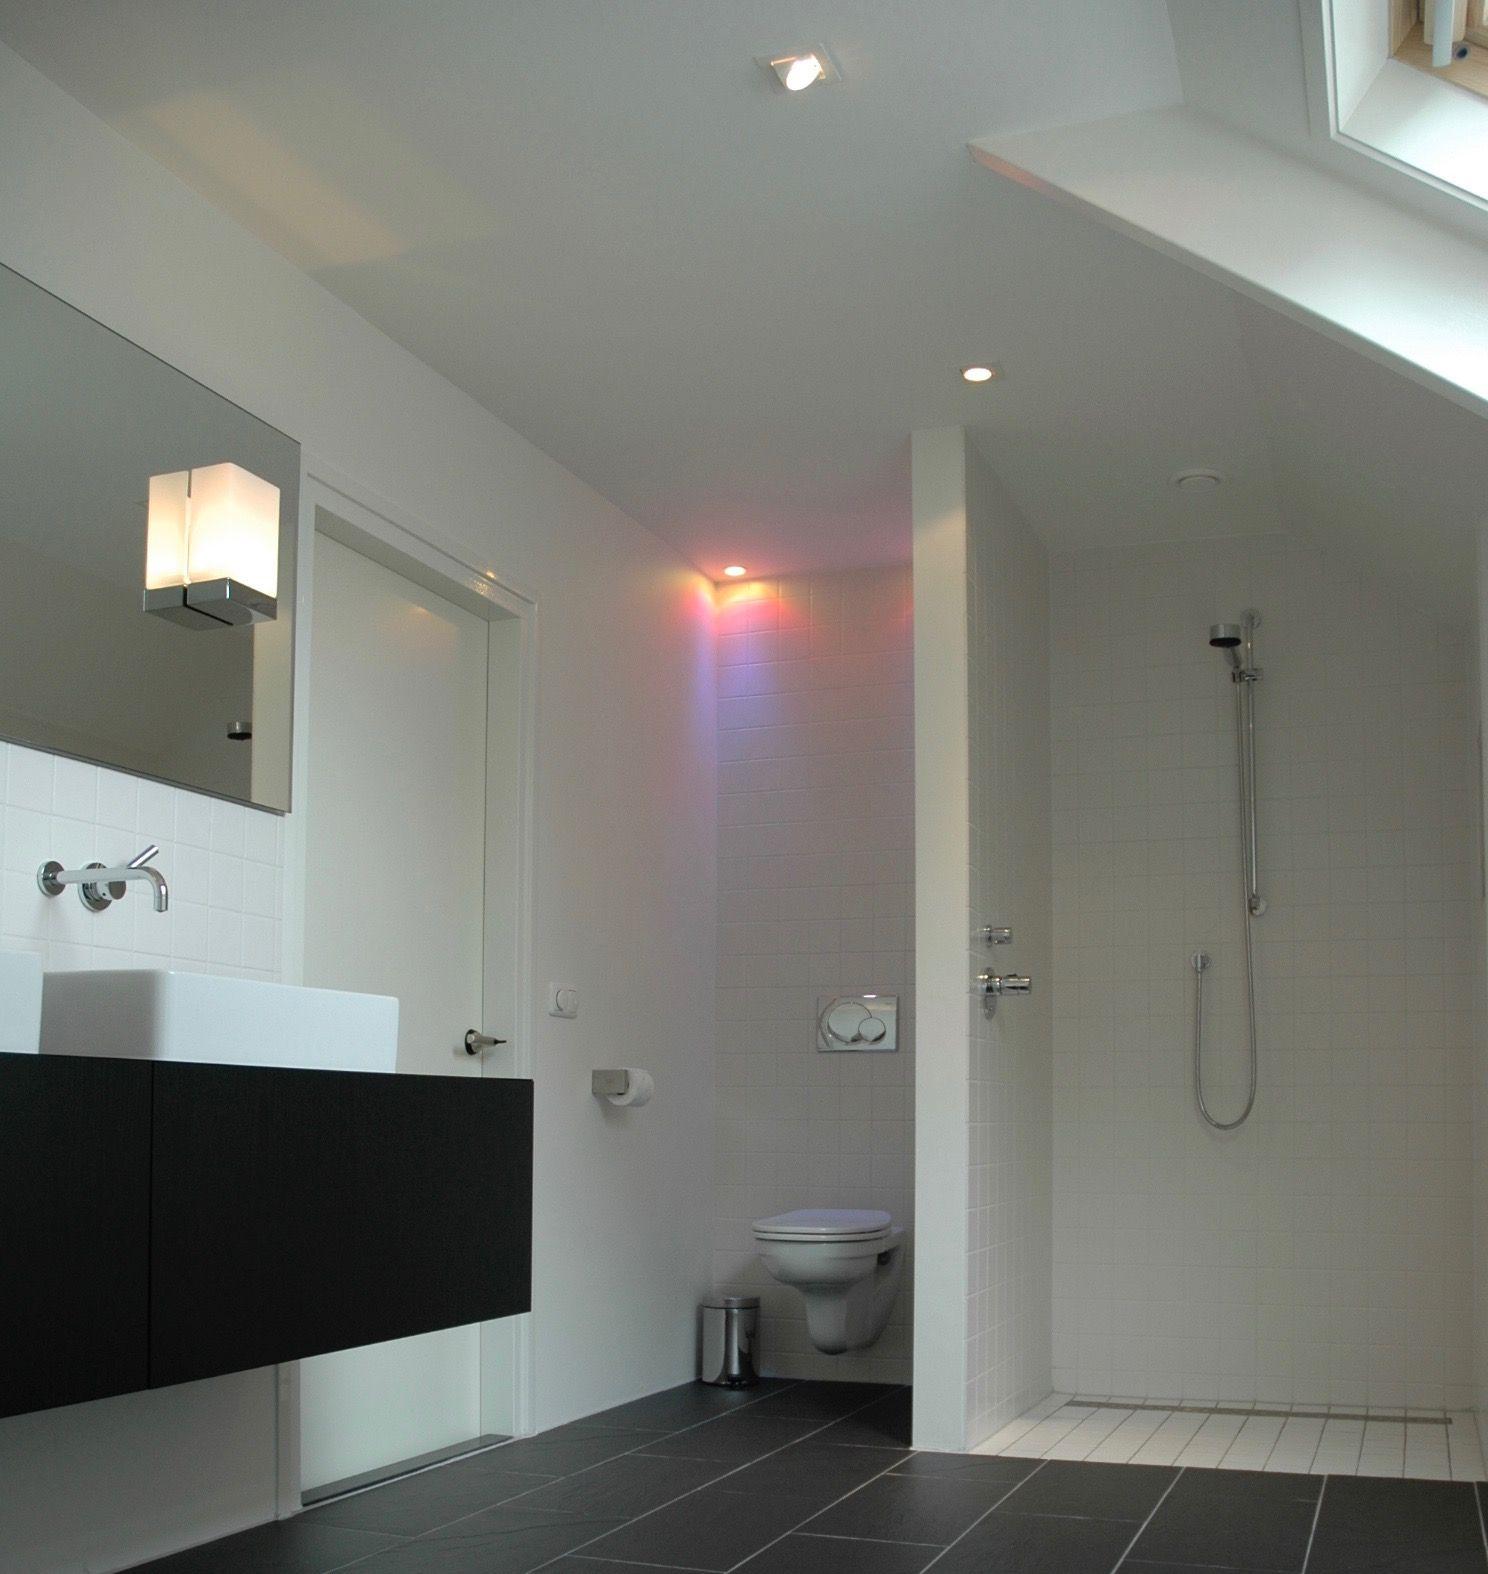 interieurdesign / badkamer / maatwerk / inloop douche / lichtplan ...